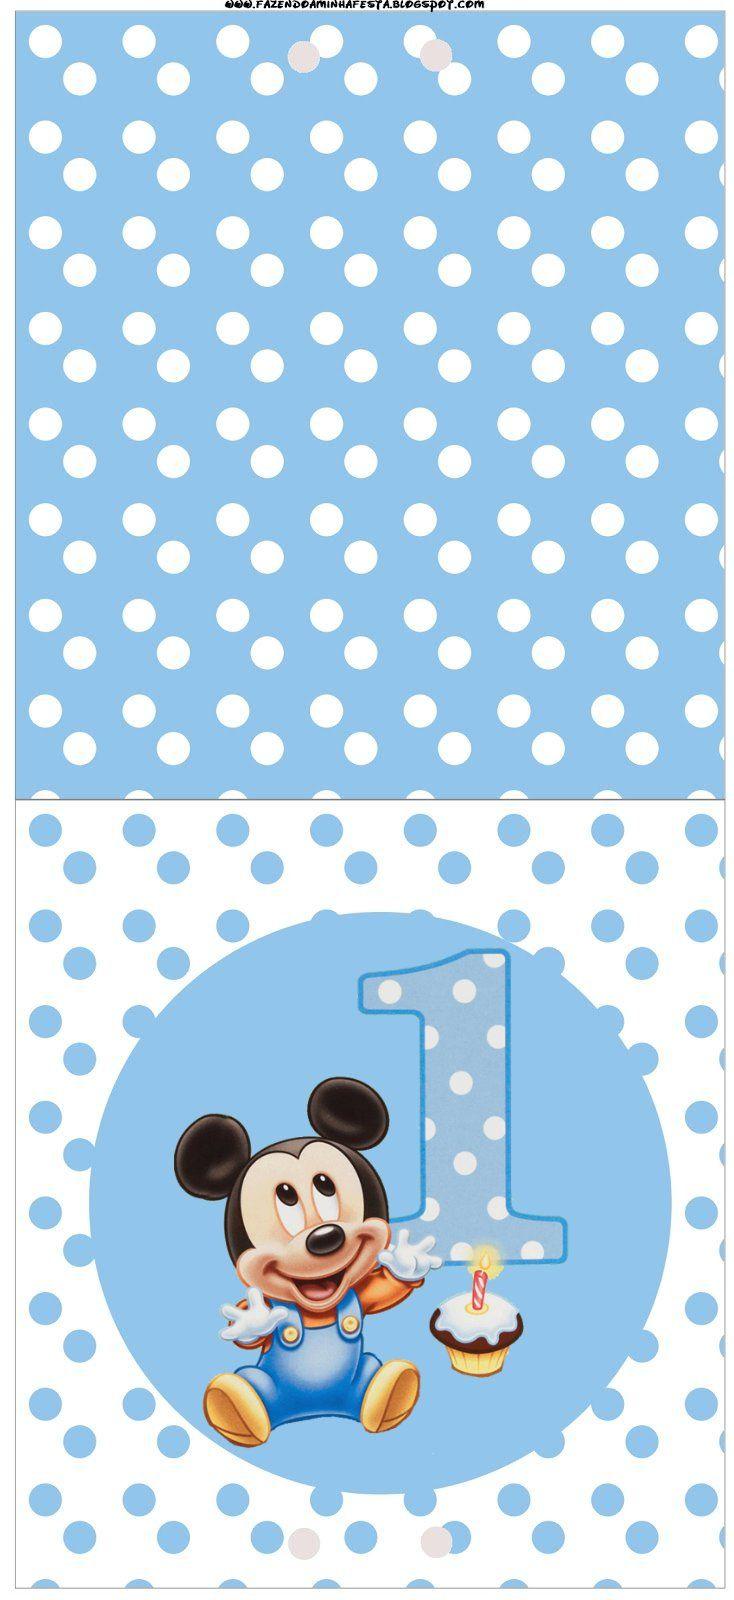 4 Convite Pirulito Mickey Bebe Kit Pinterest More